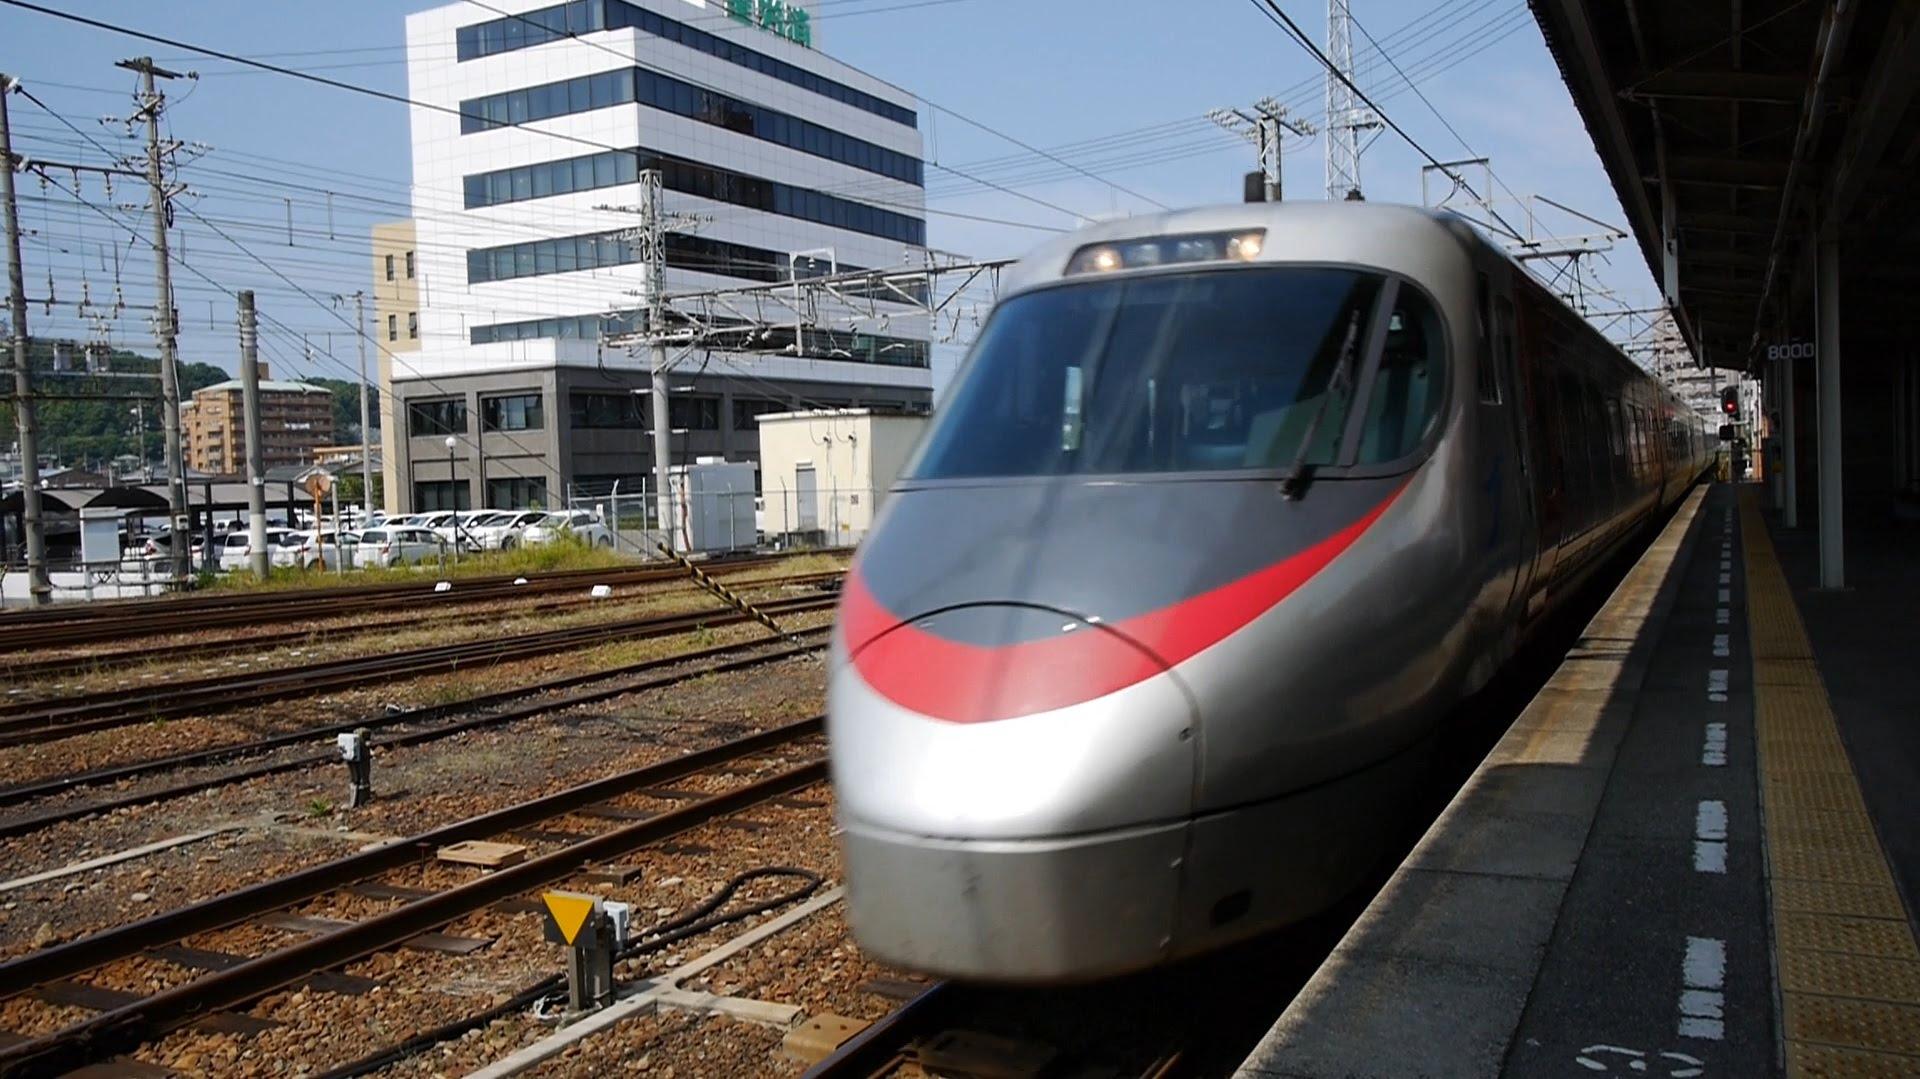 JR四国 特急いしづち18号 (8000系運行) 超広角車窓 進行左側 松山~高松